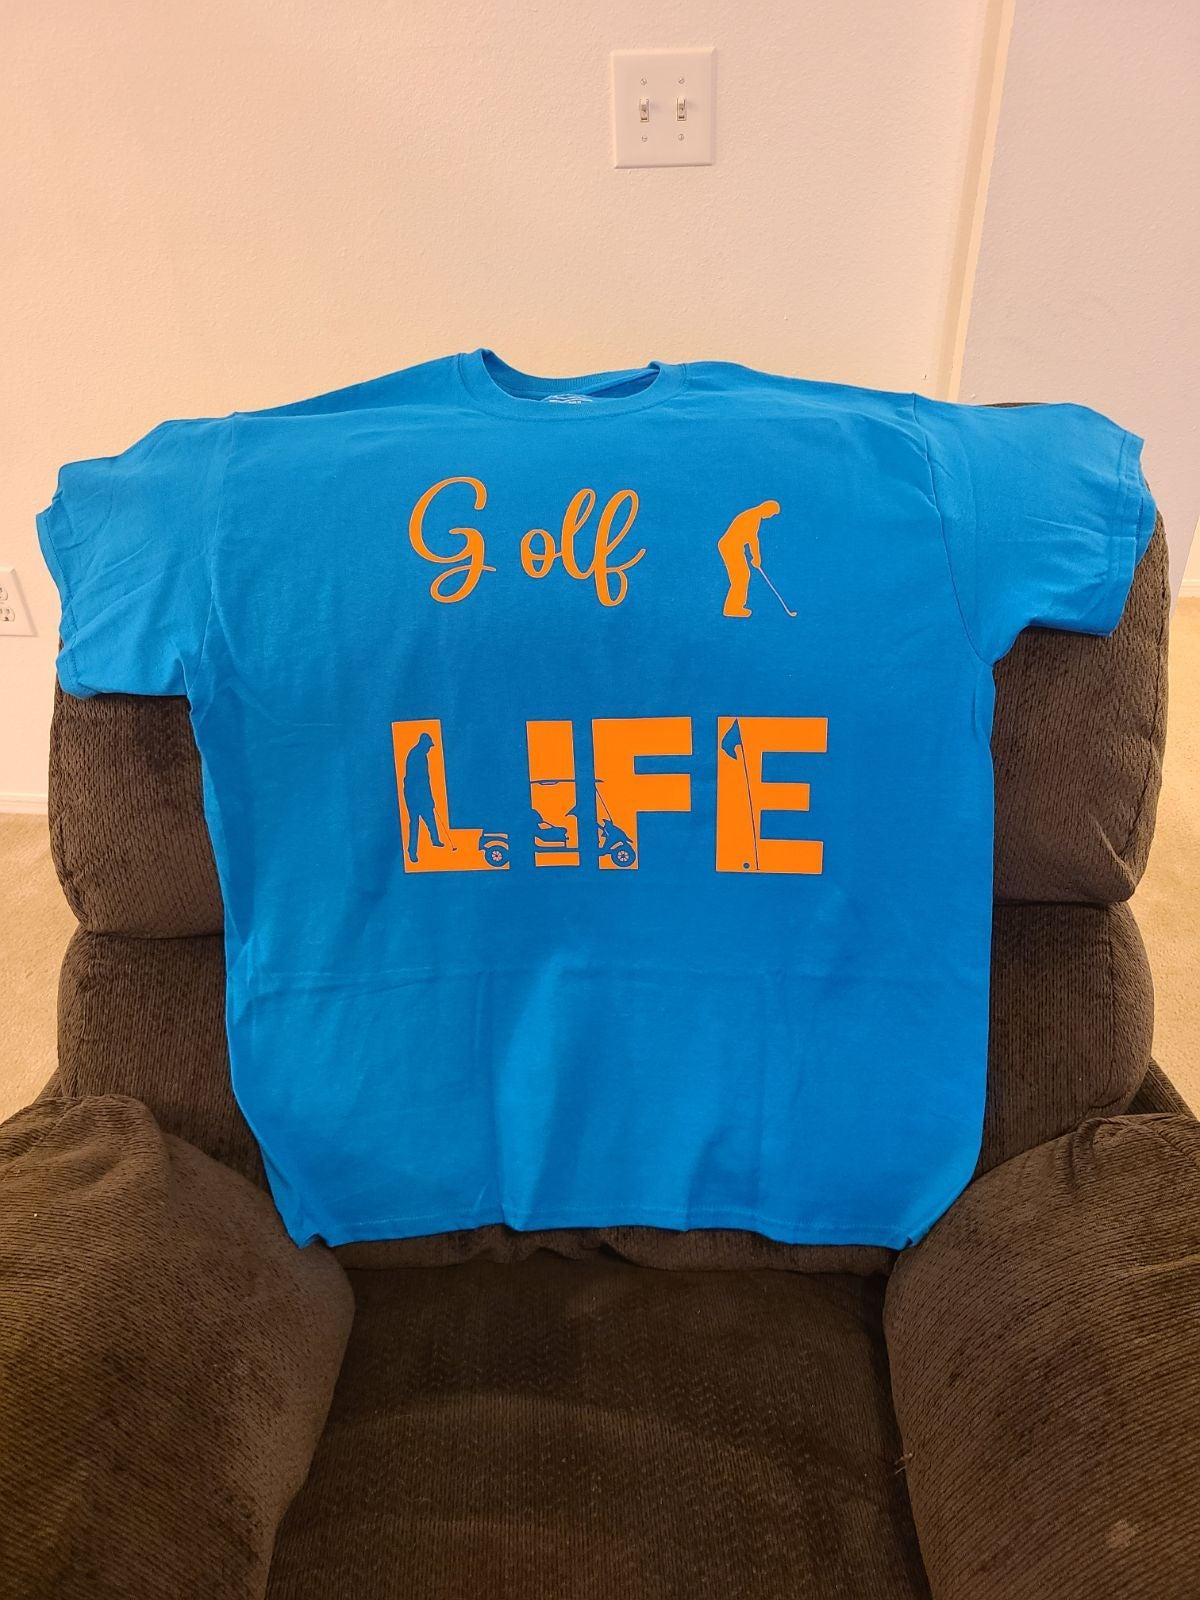 Golf Life t-shirt read details